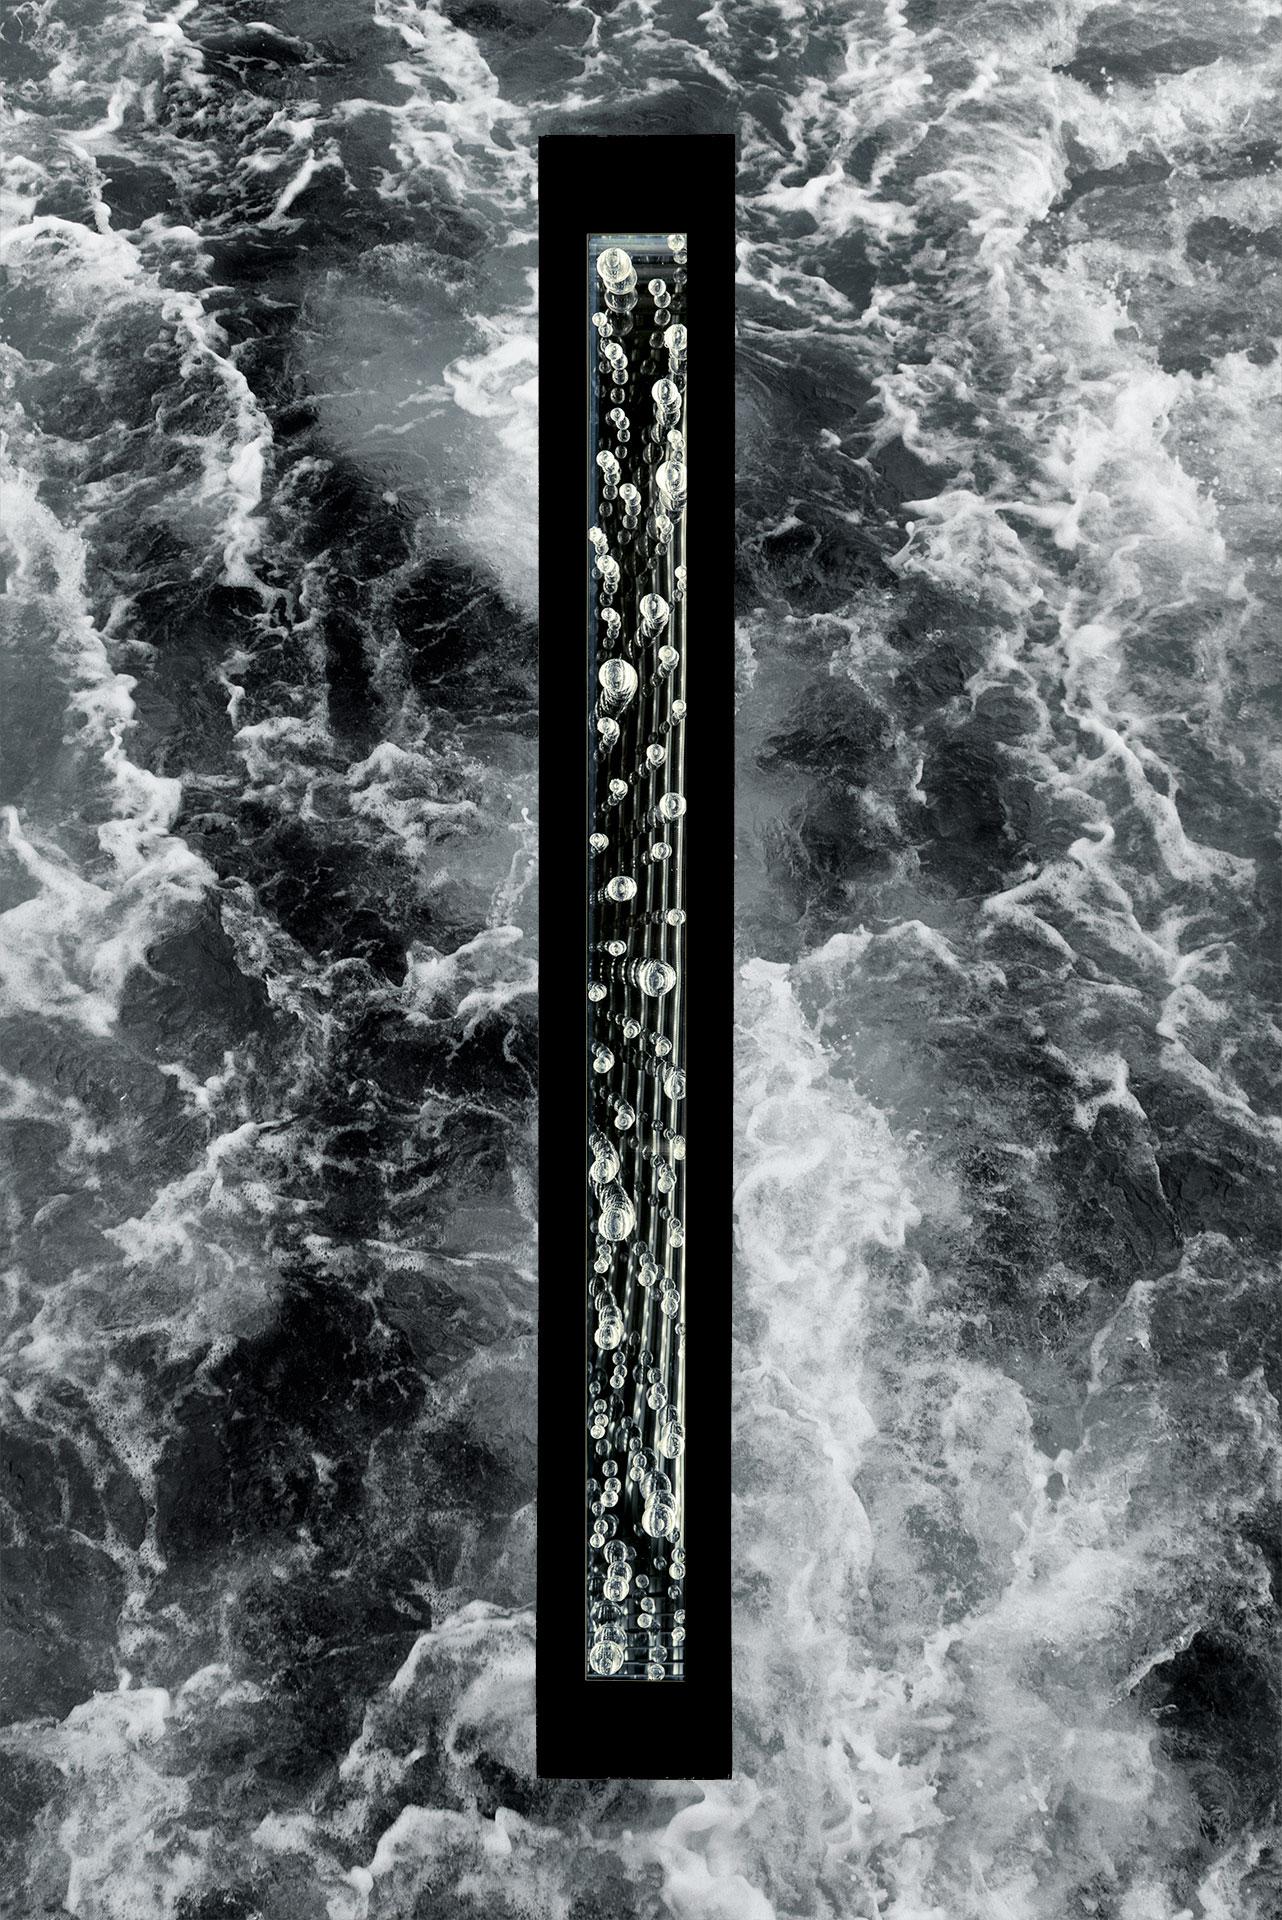 ELEMENTS-WATER-4FT-_DVZ4617-BLACK-water-W.jpg